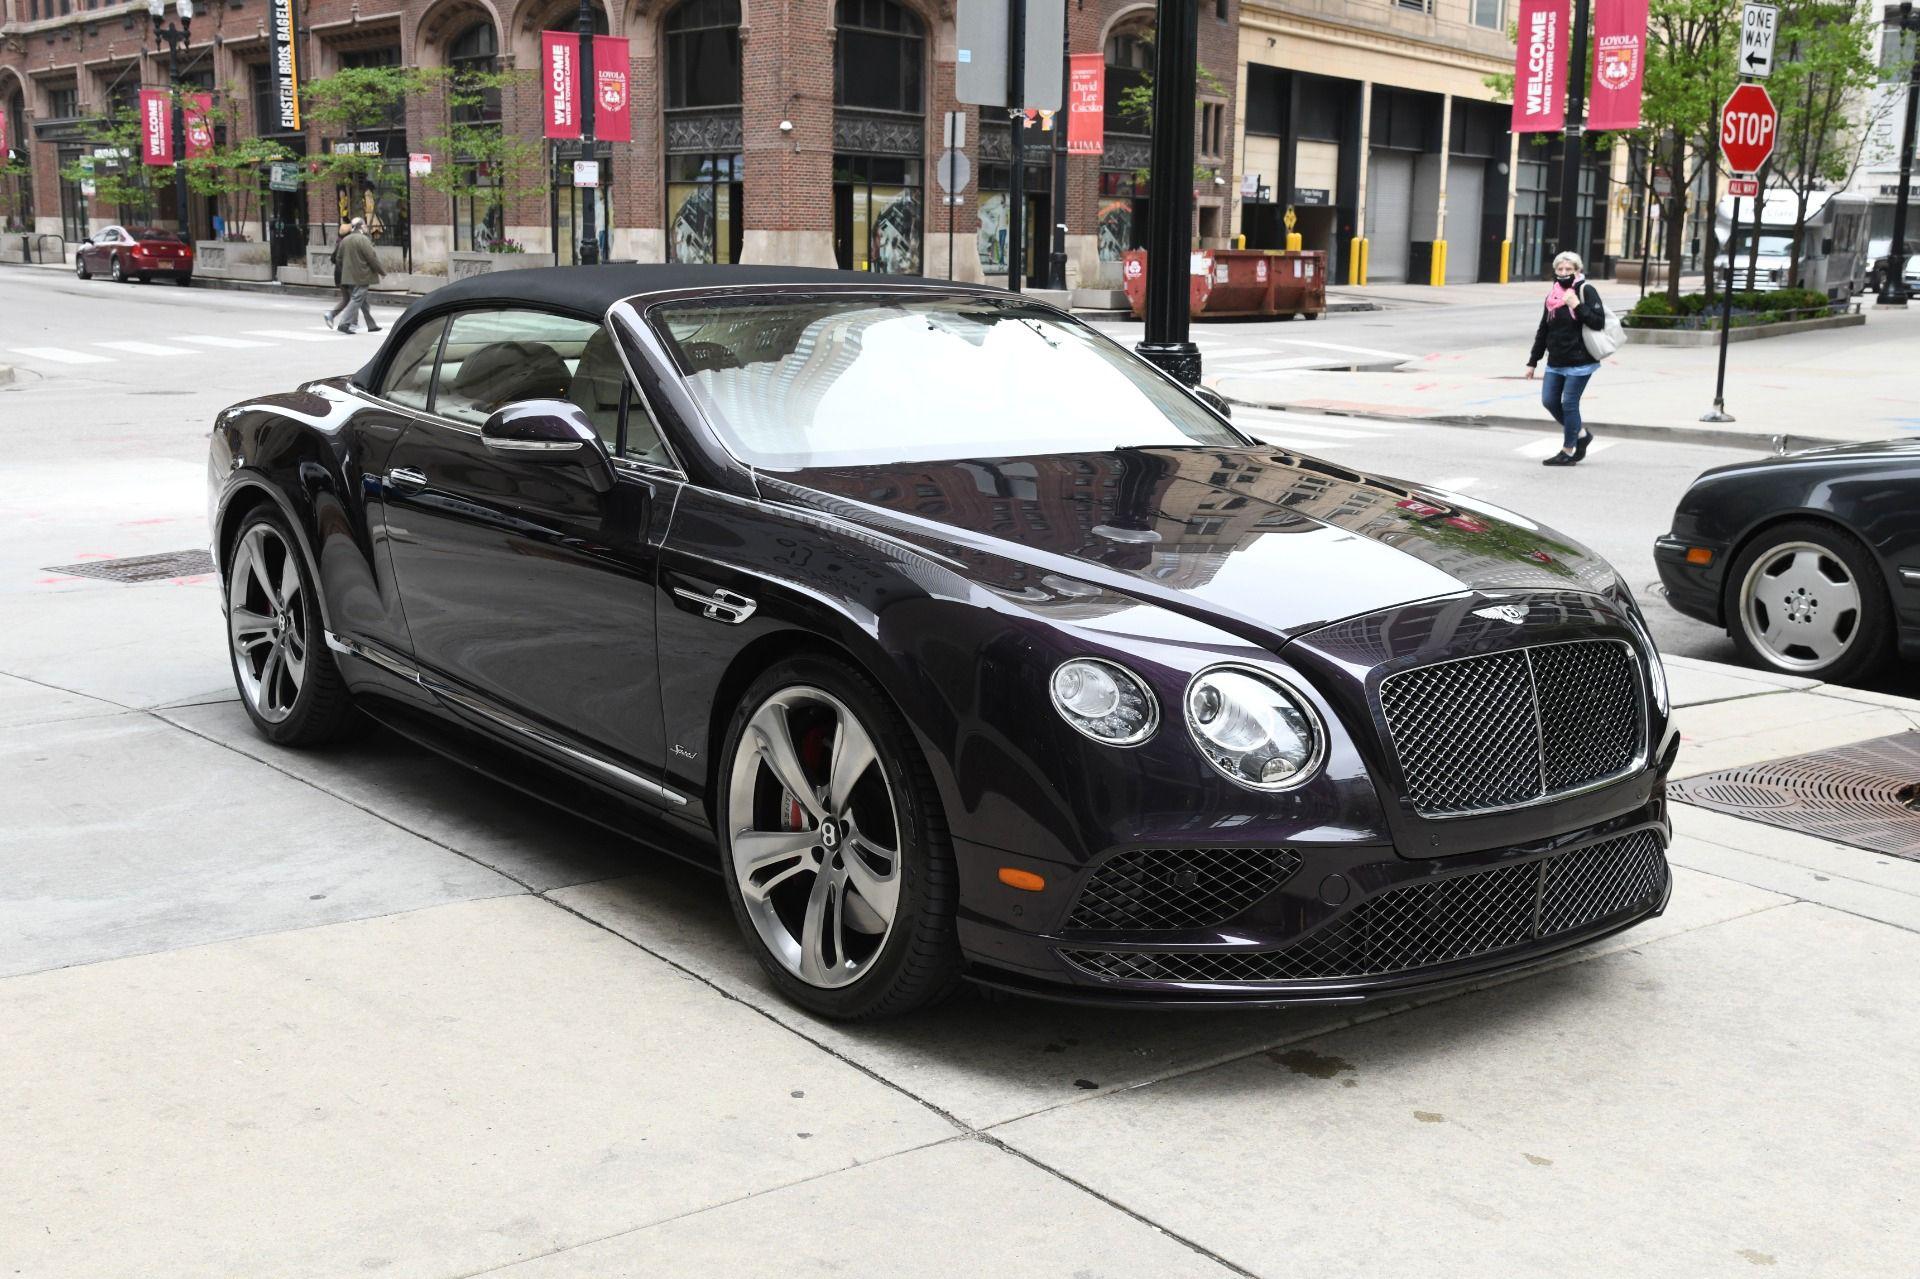 2016 Bentley Continental Gtc Speed Bentley Continental Bentley Car